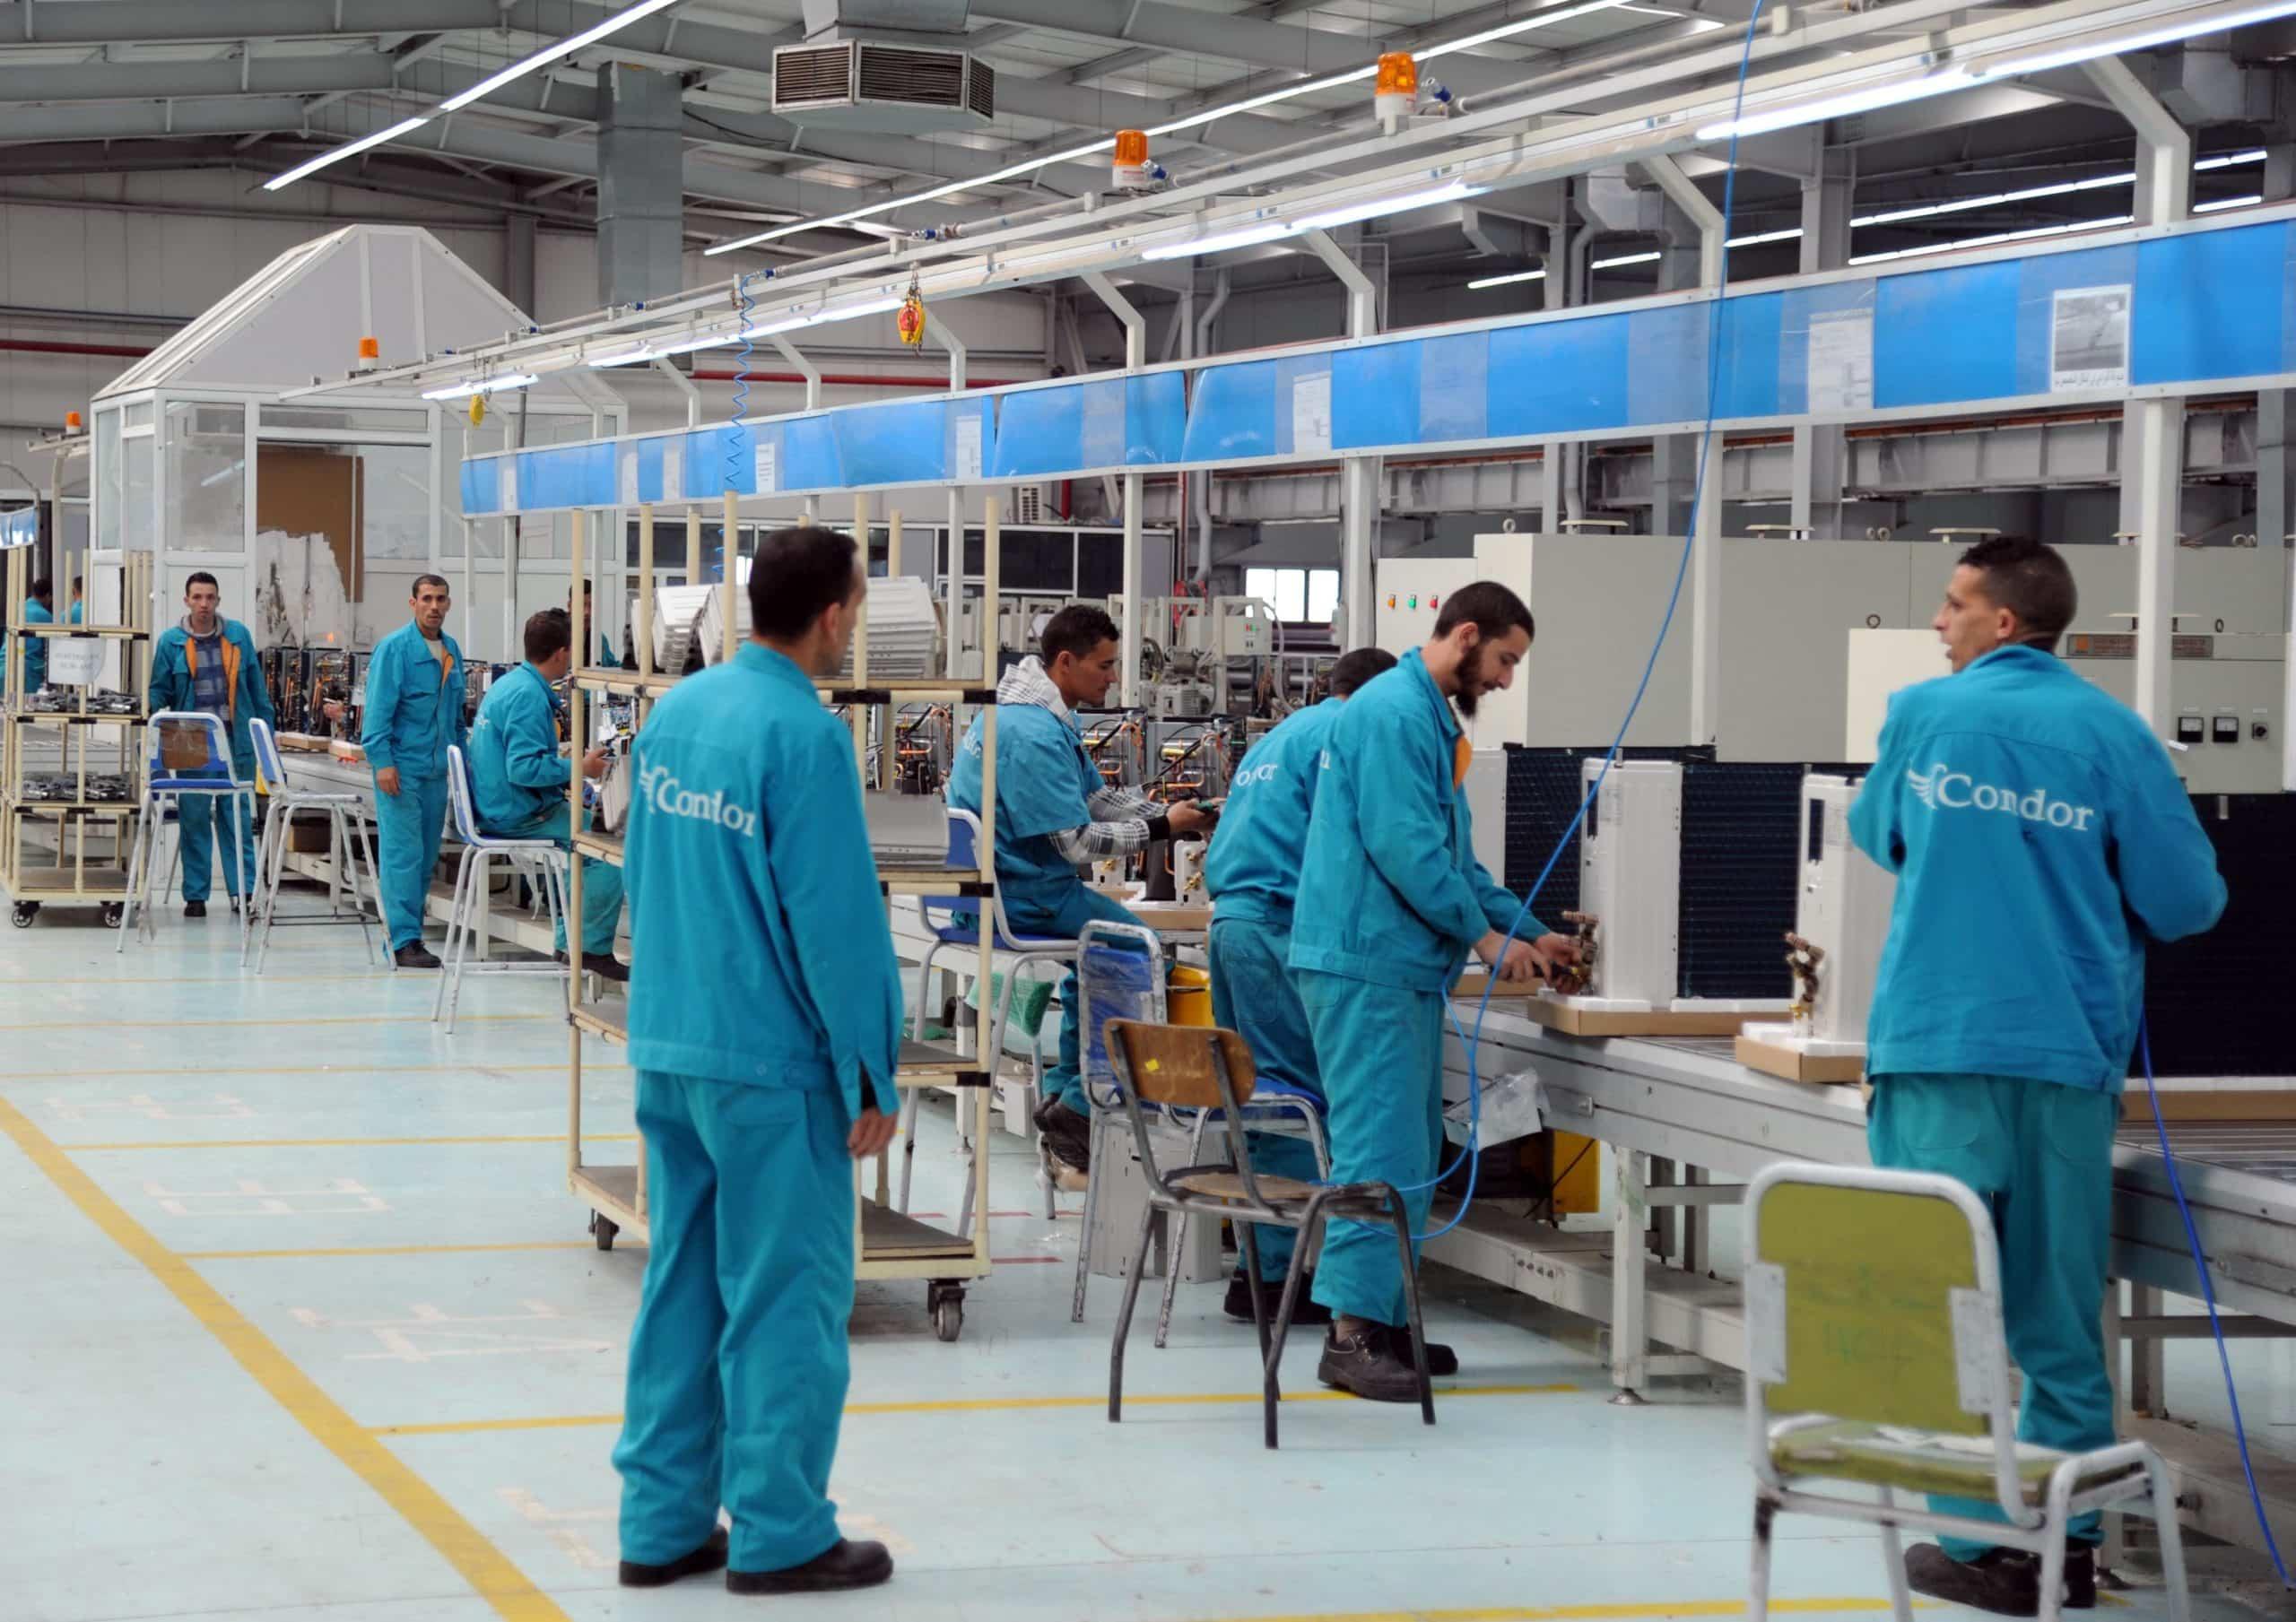 © DR | Les salariés de la société Condor dans l'usine de production